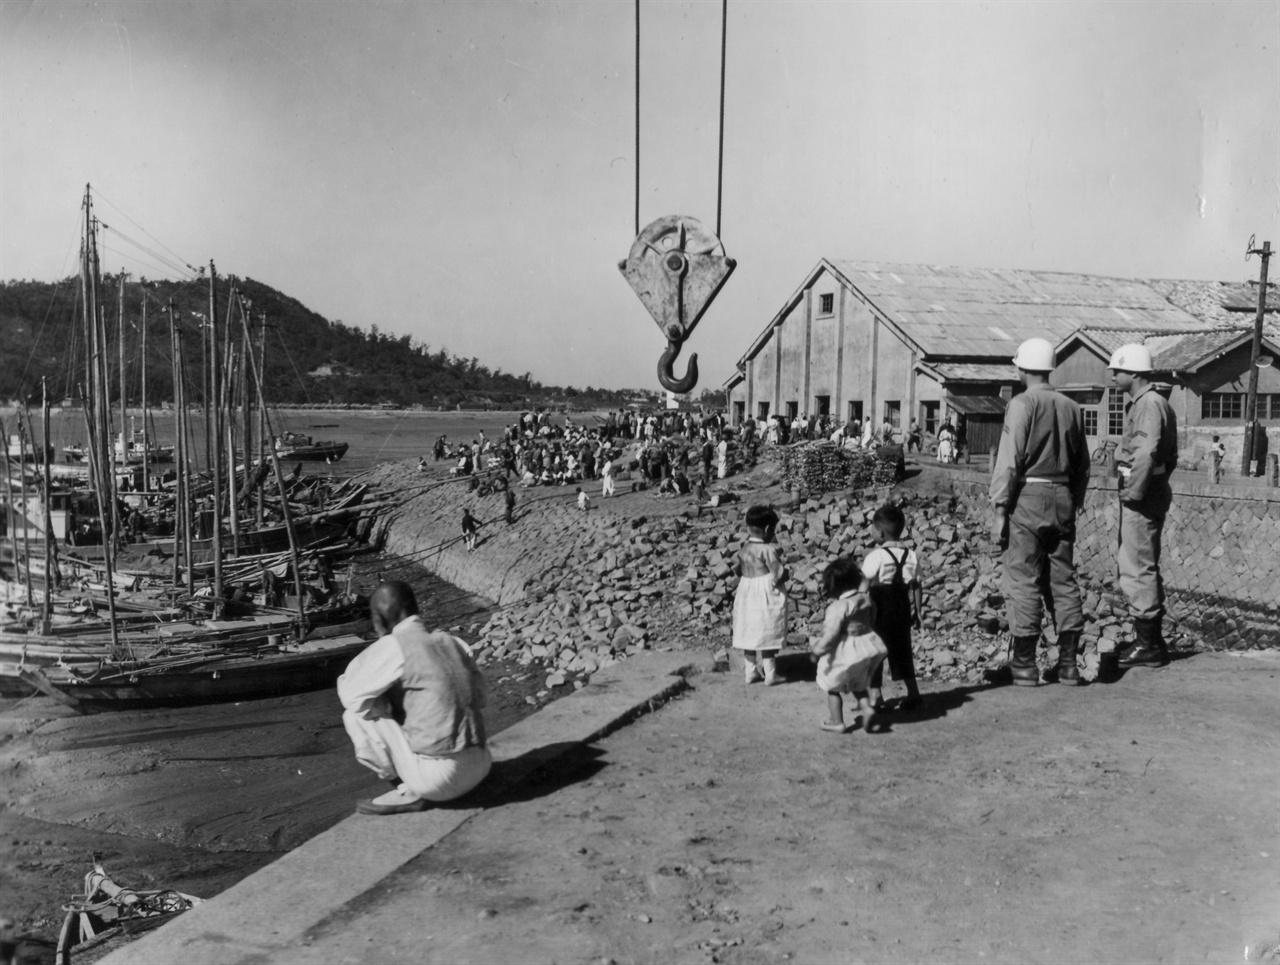 두 해병대 병사가 2년 전의 인천상륙지점을 둘러보고 있다(1952.10. 2.).